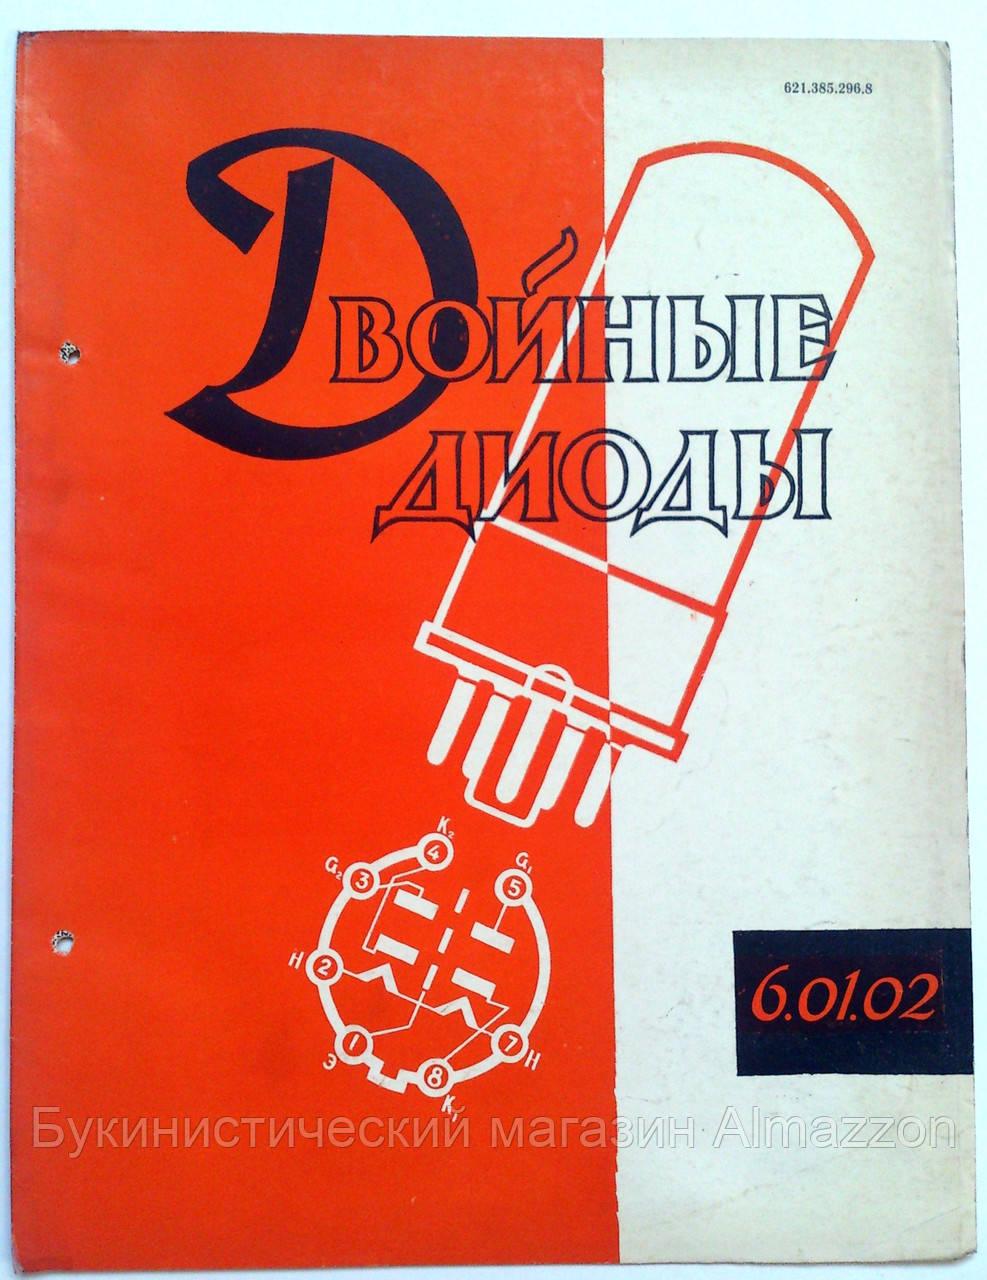 """Журнал (Бюллетень) """"Двойные диоды 6.01.02"""" 1961 год. Редкость!"""